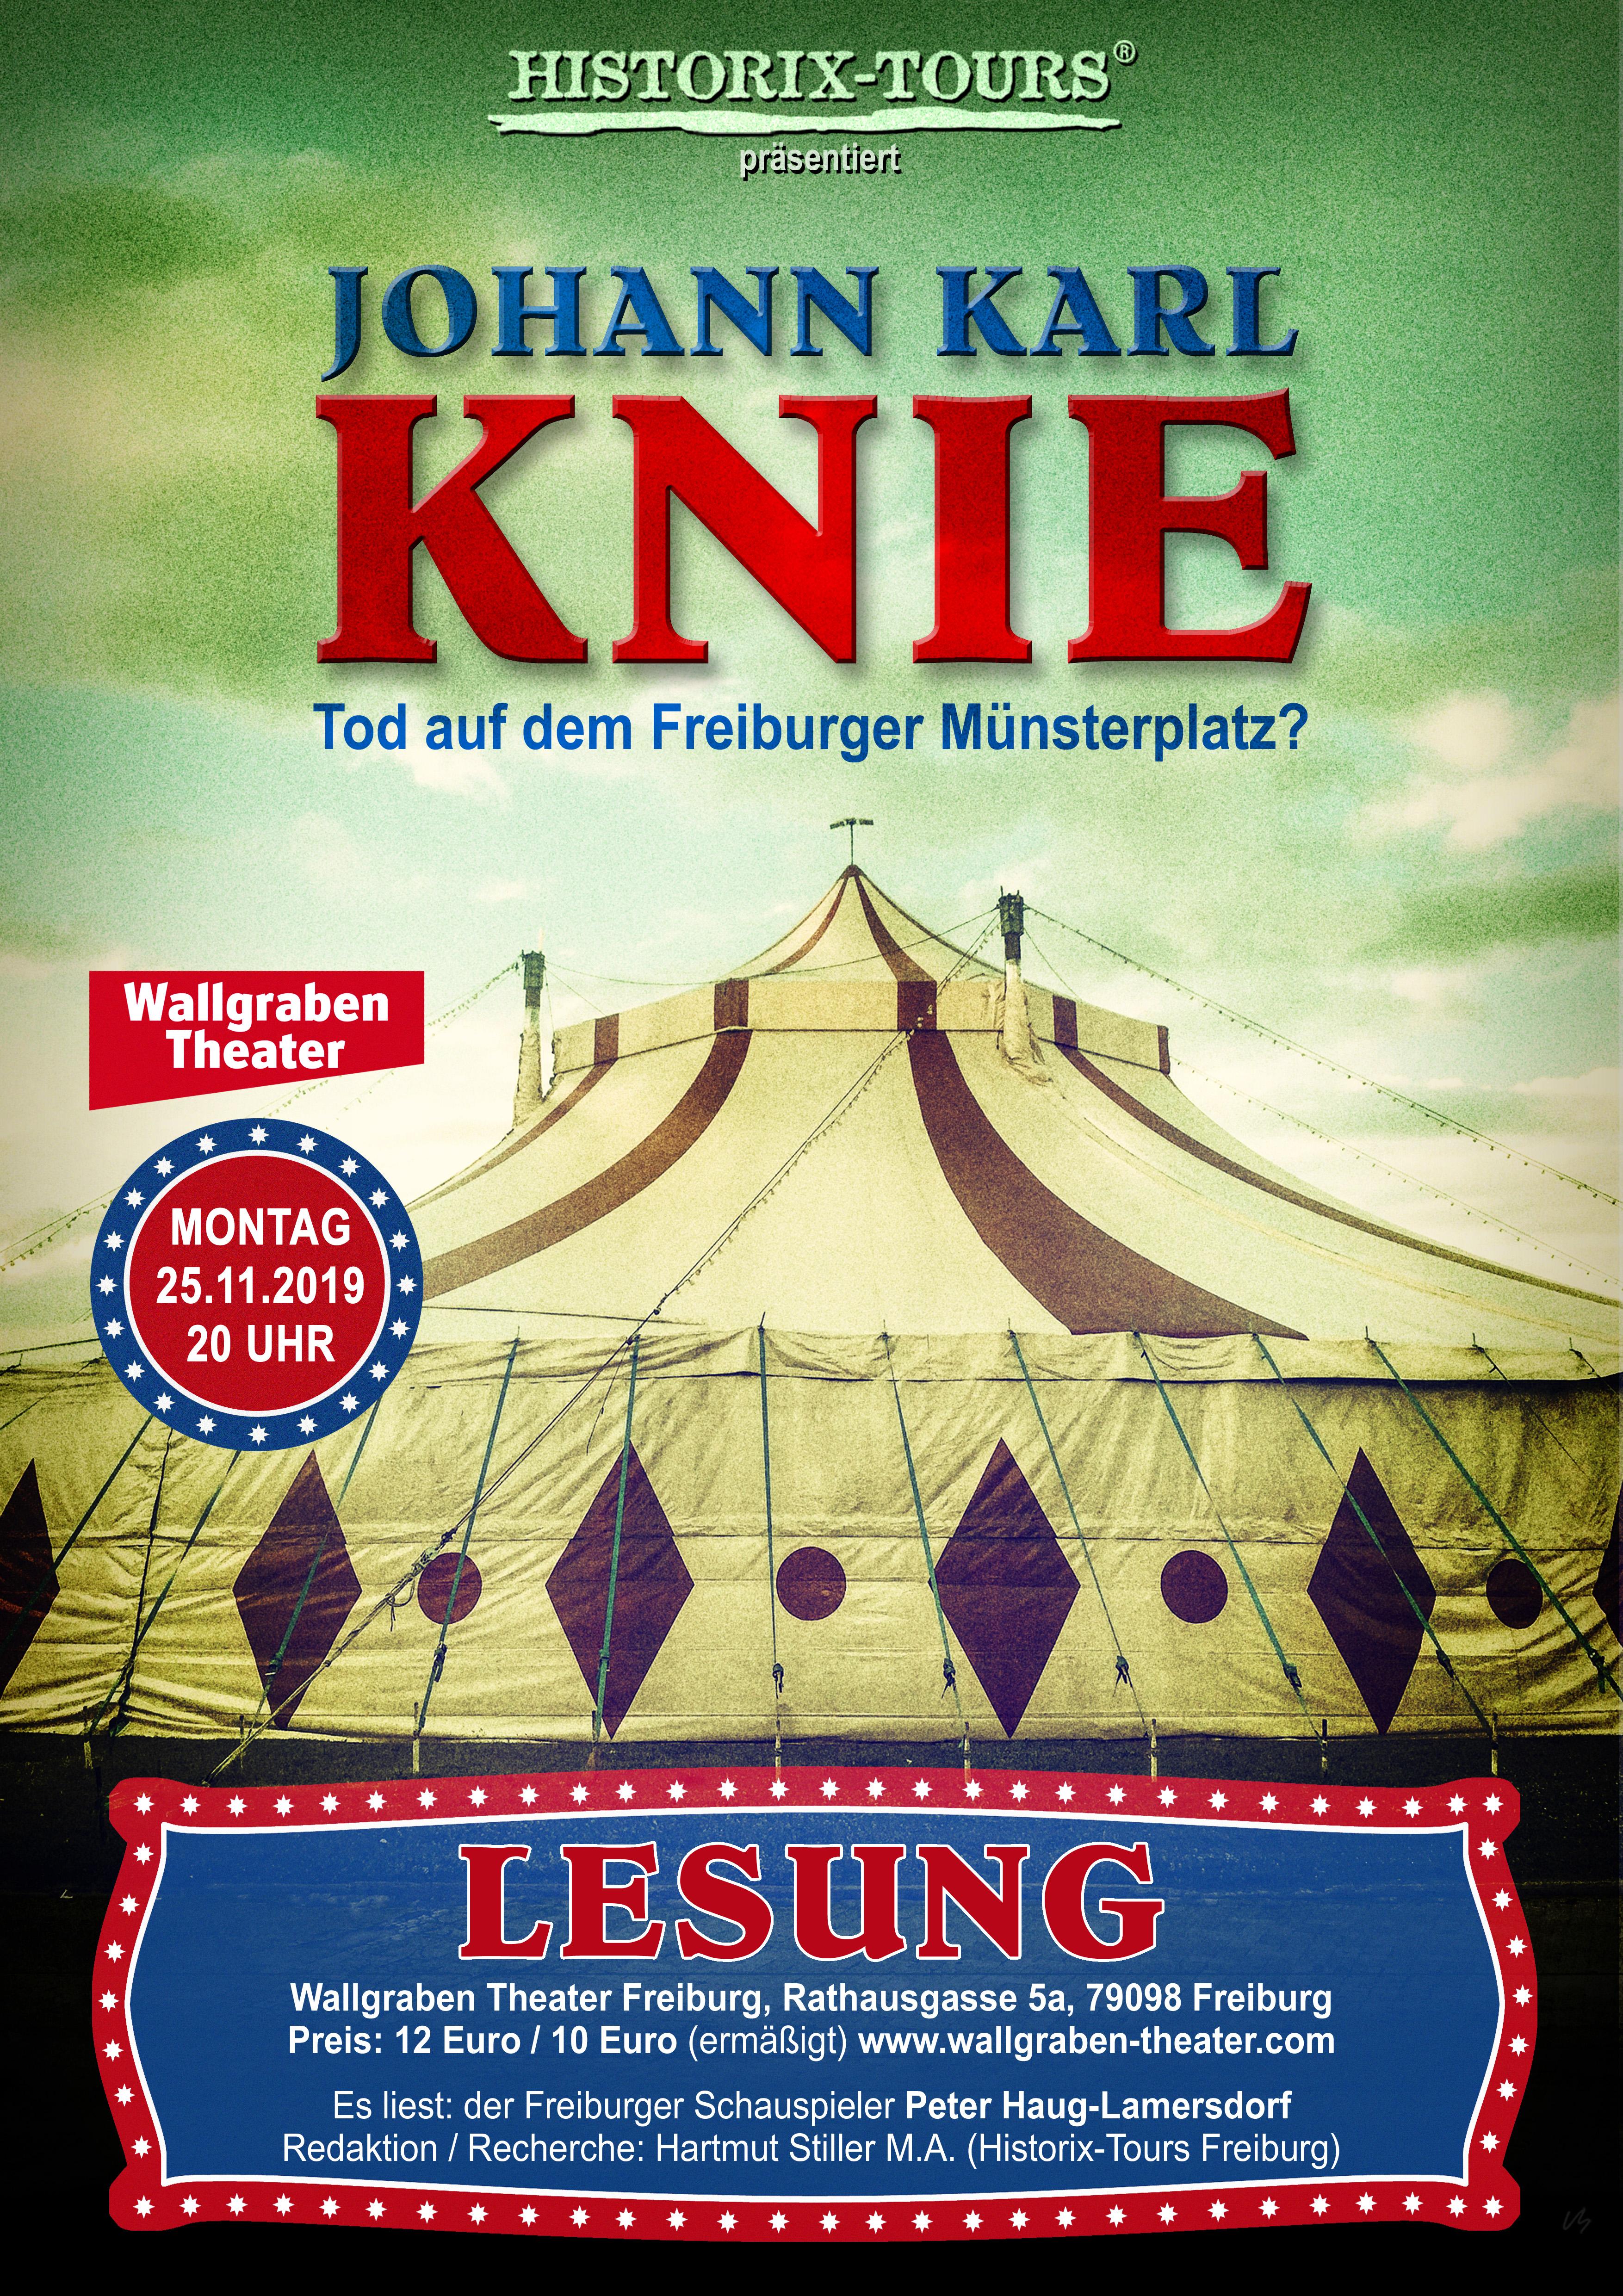 """Historische Lesung: """"Johann Karl Knie – Tod auf dem Freiburger Münsterplatz?"""" // Gastspiel am Wallgraben Theater"""